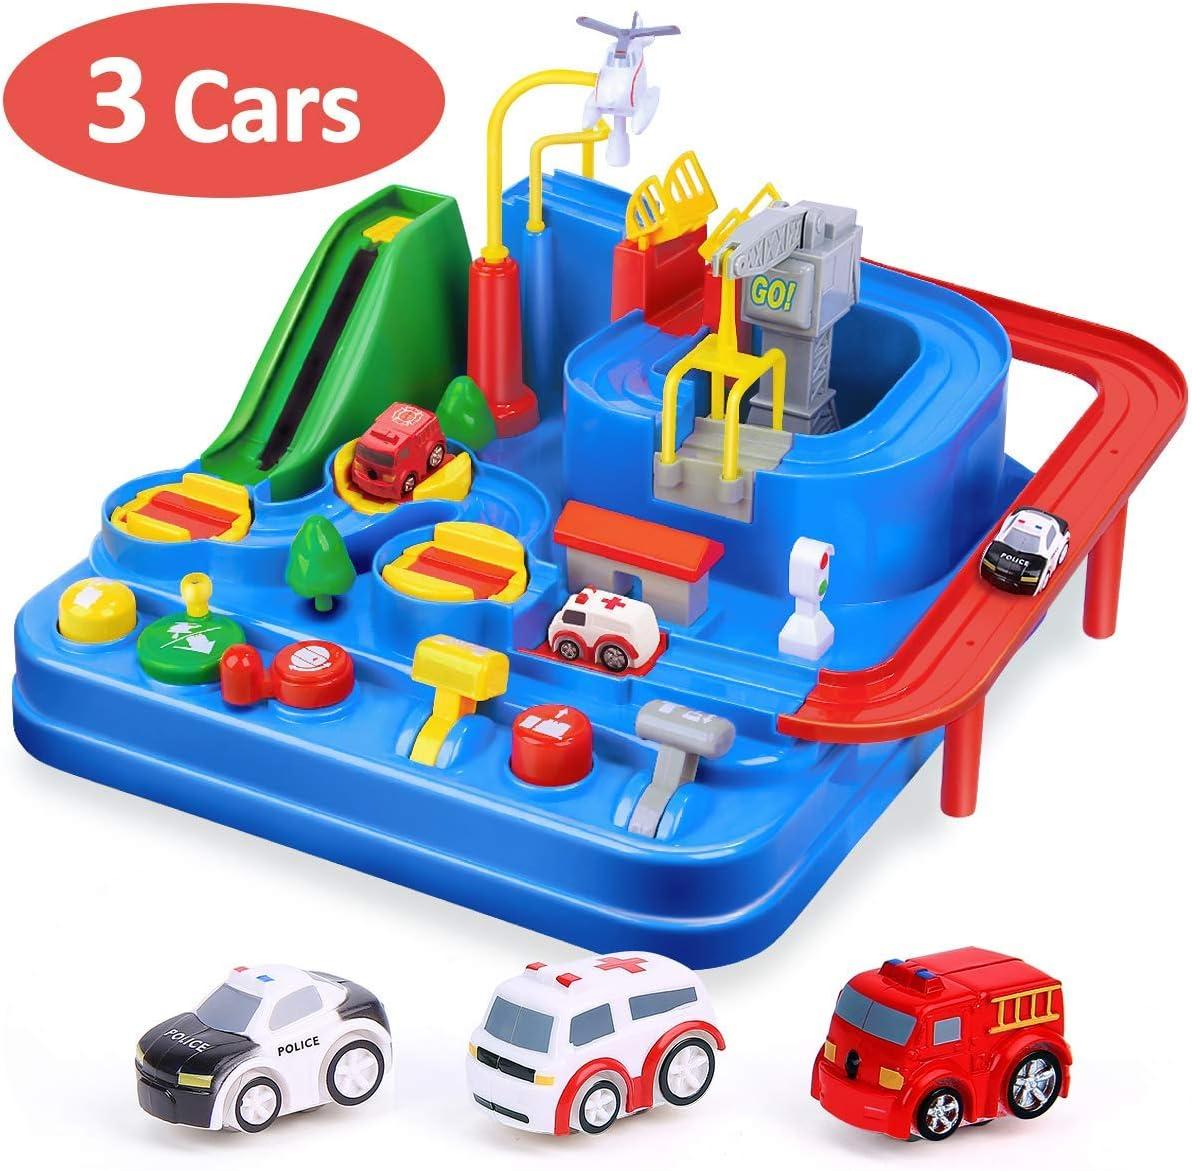 CubicFun Pista de Coches para Niños 3 4 5 6 7 8 años, City Rescue Pista Cars Juguetes de Aventura Playsets, Pista Coches de Juguetes para Niños Niñas